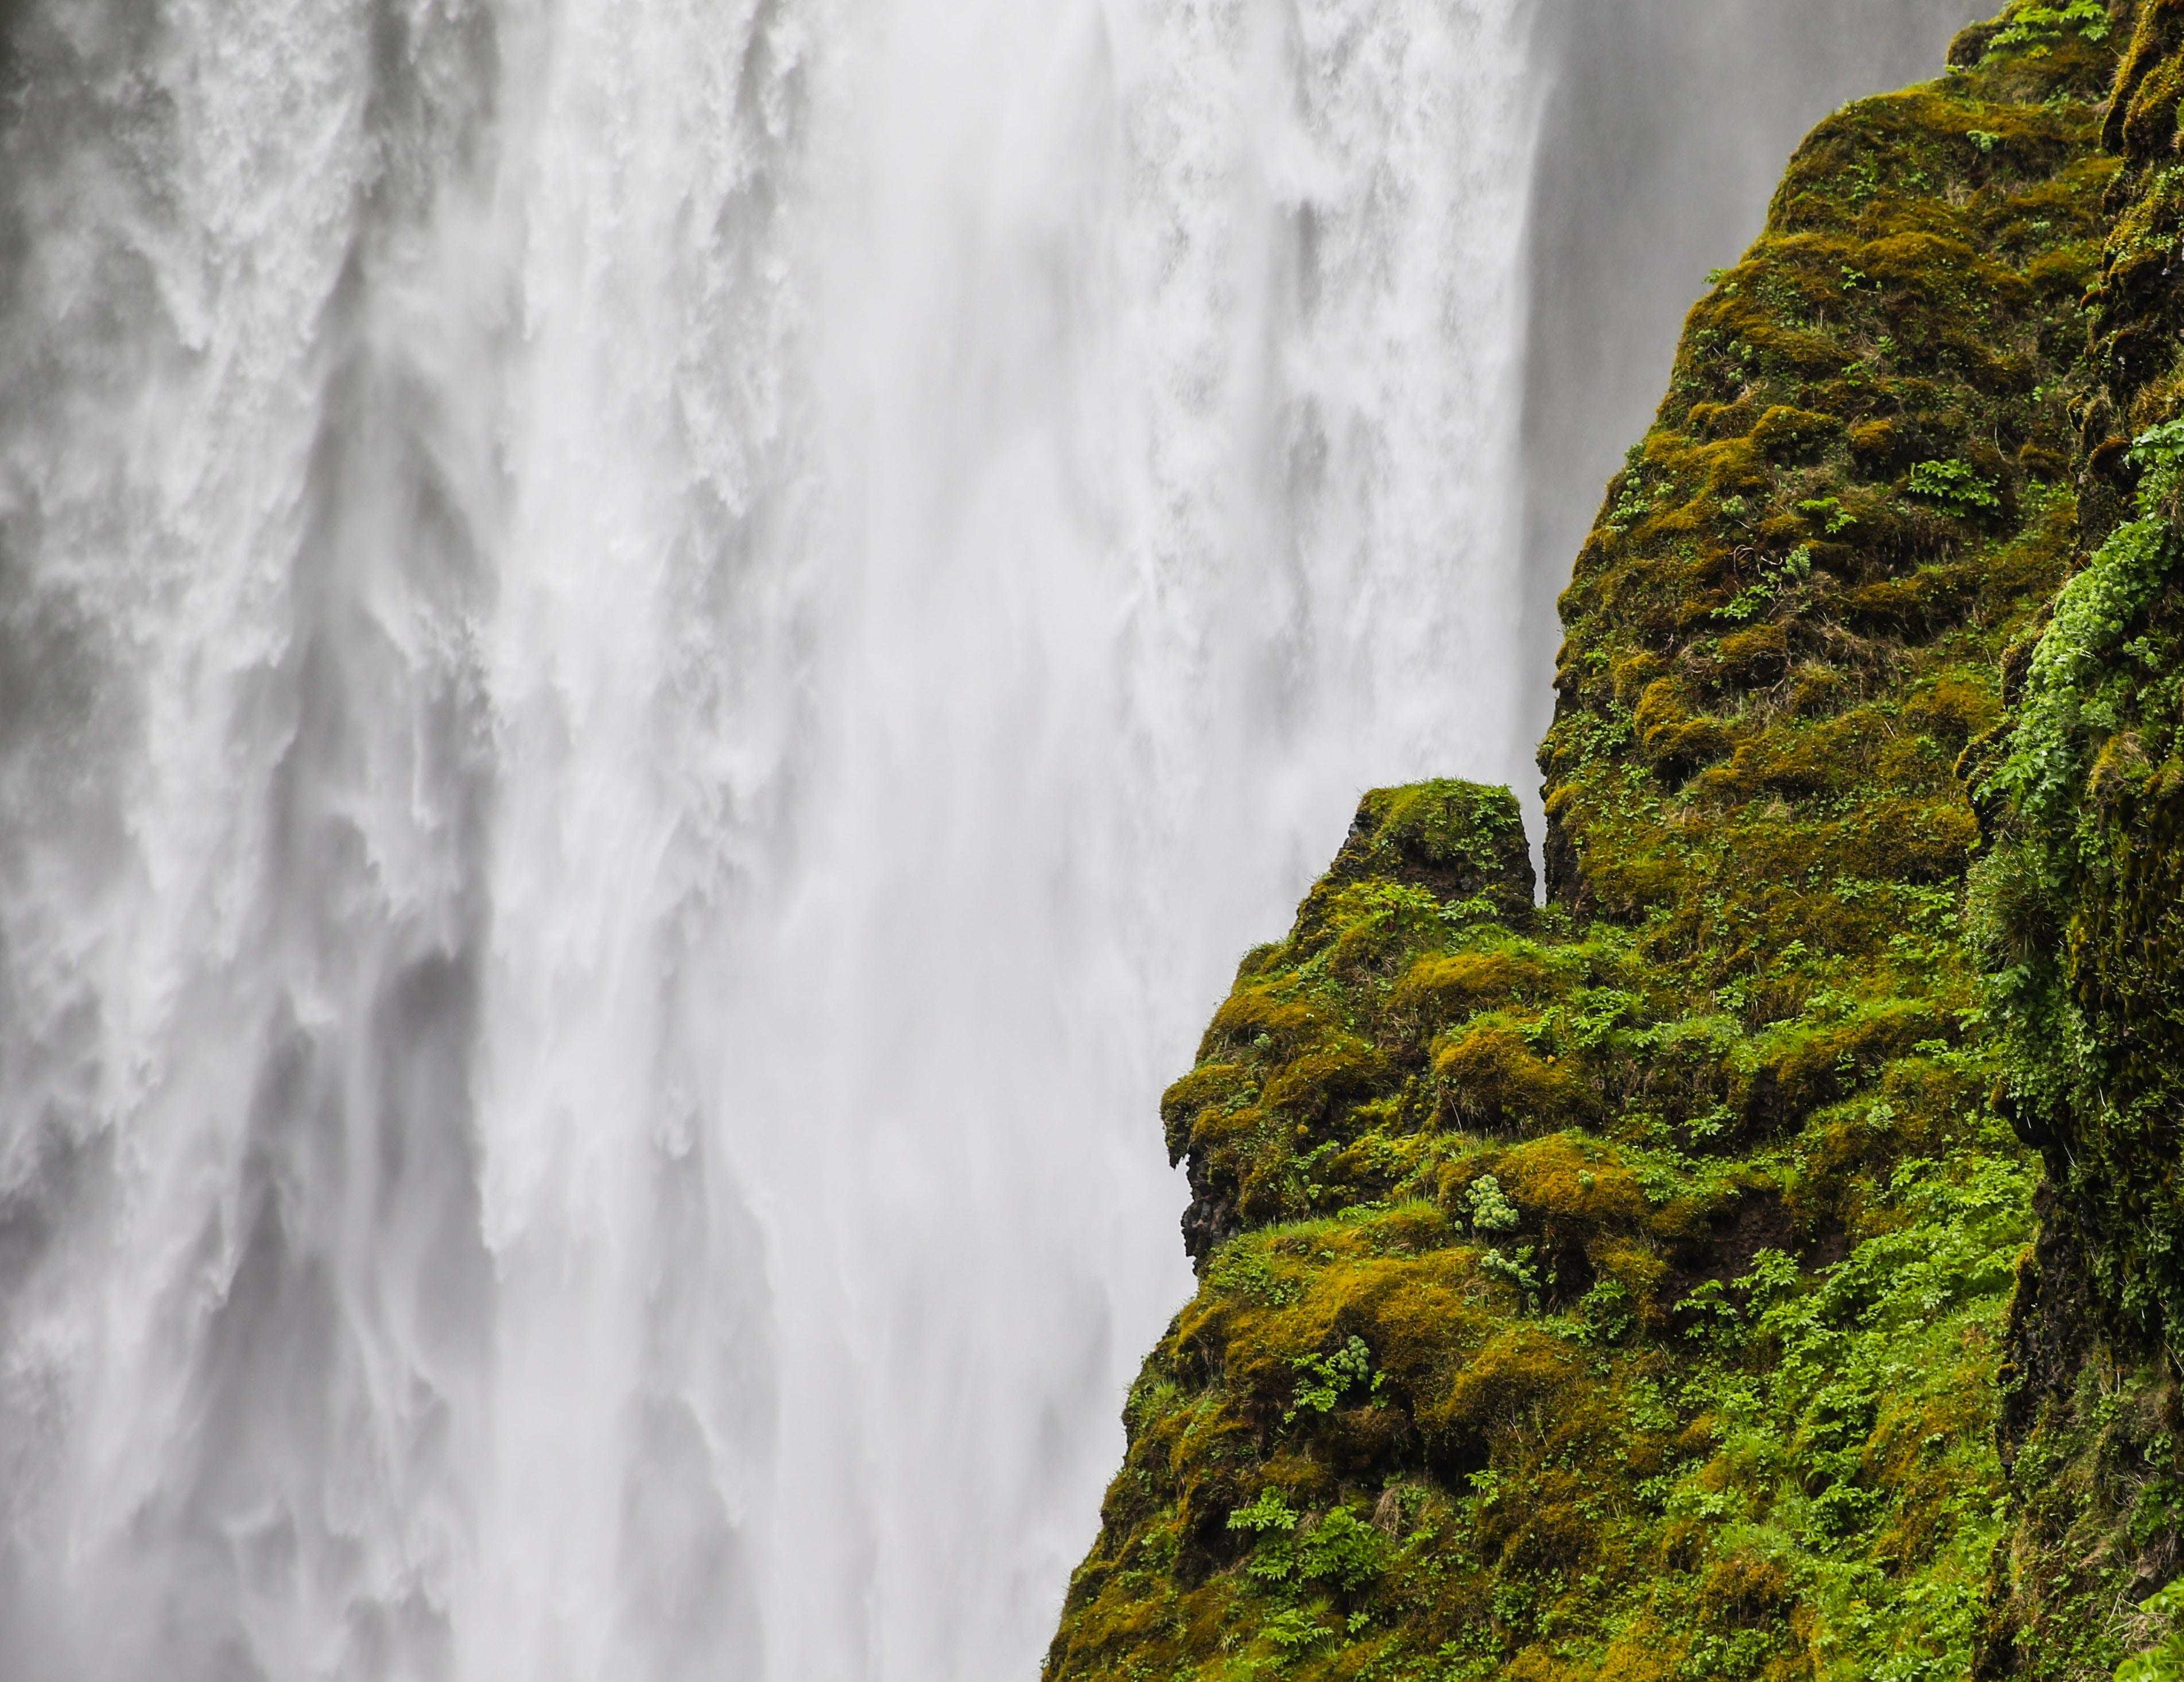 mossy rock near waterfalls